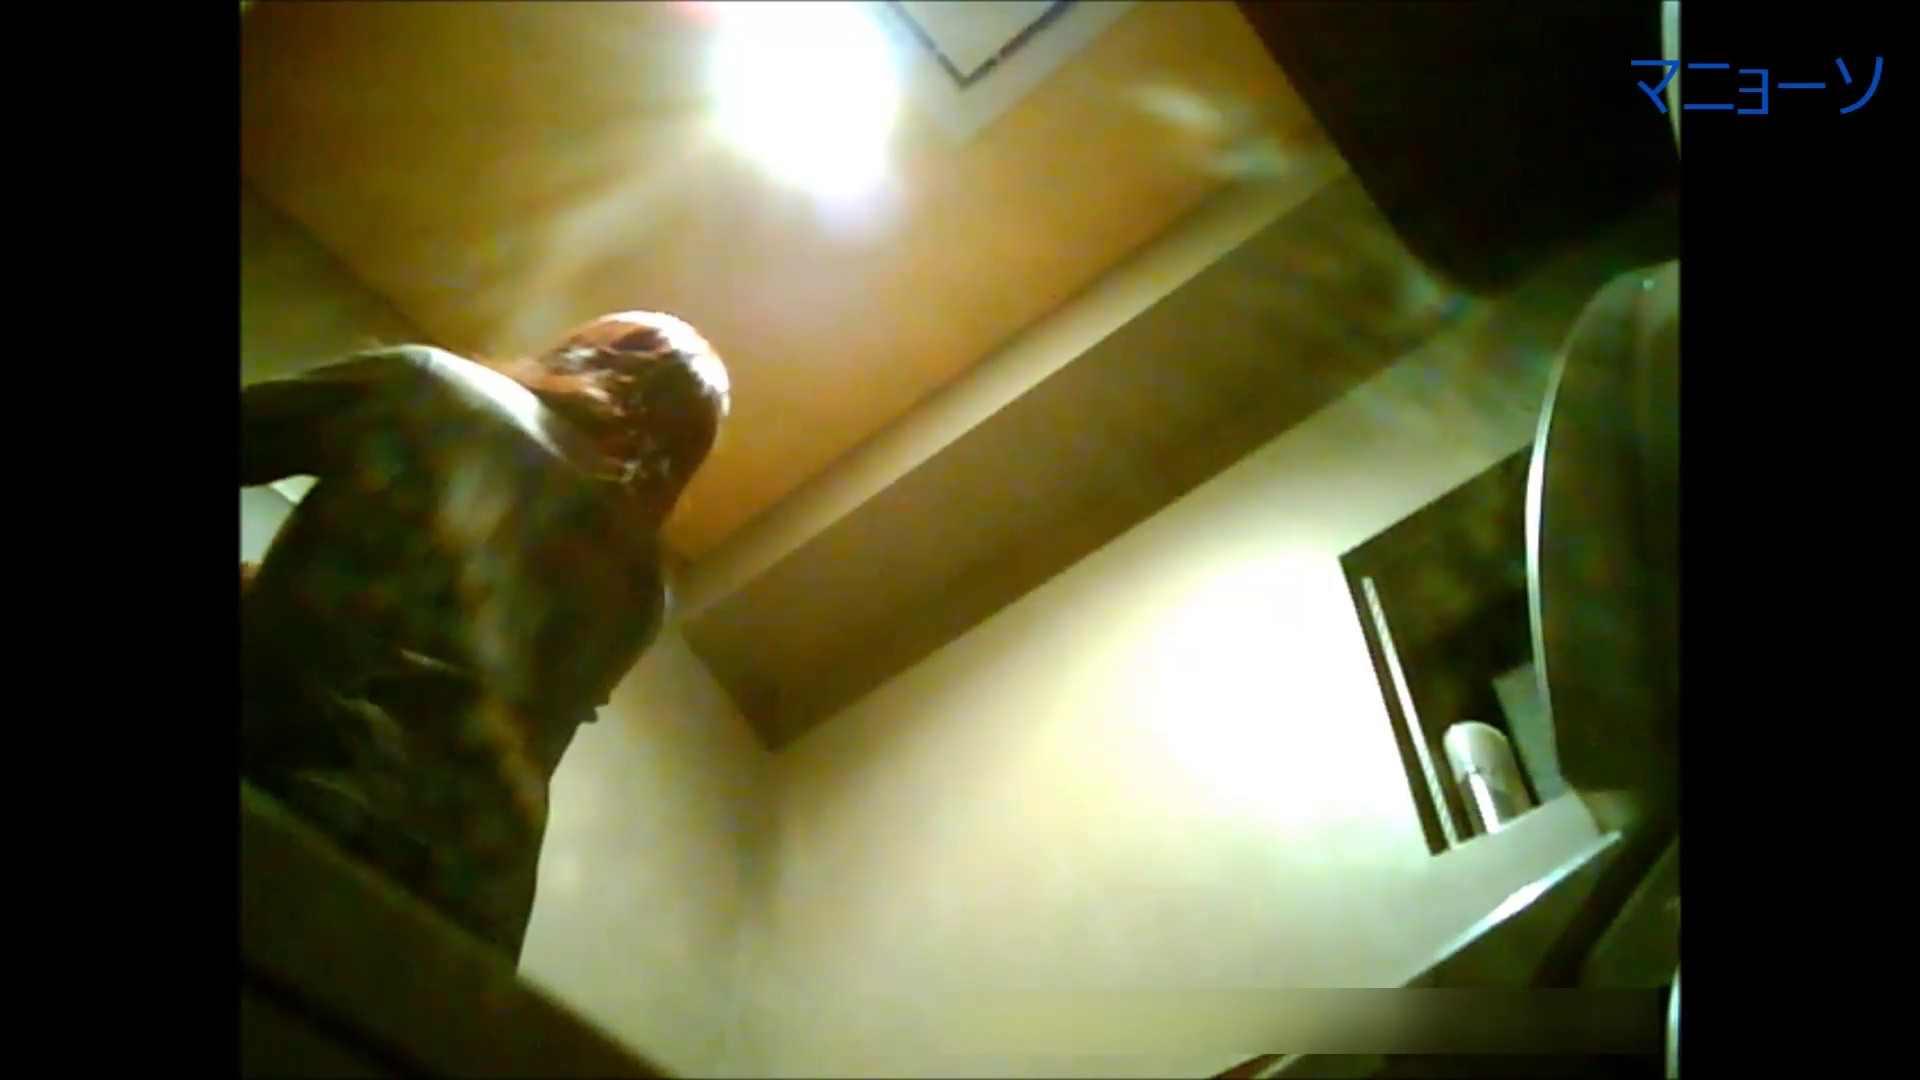 トイレでひと肌脱いでもらいました (JD編)Vol.01 トイレ盗撮  97枚 50